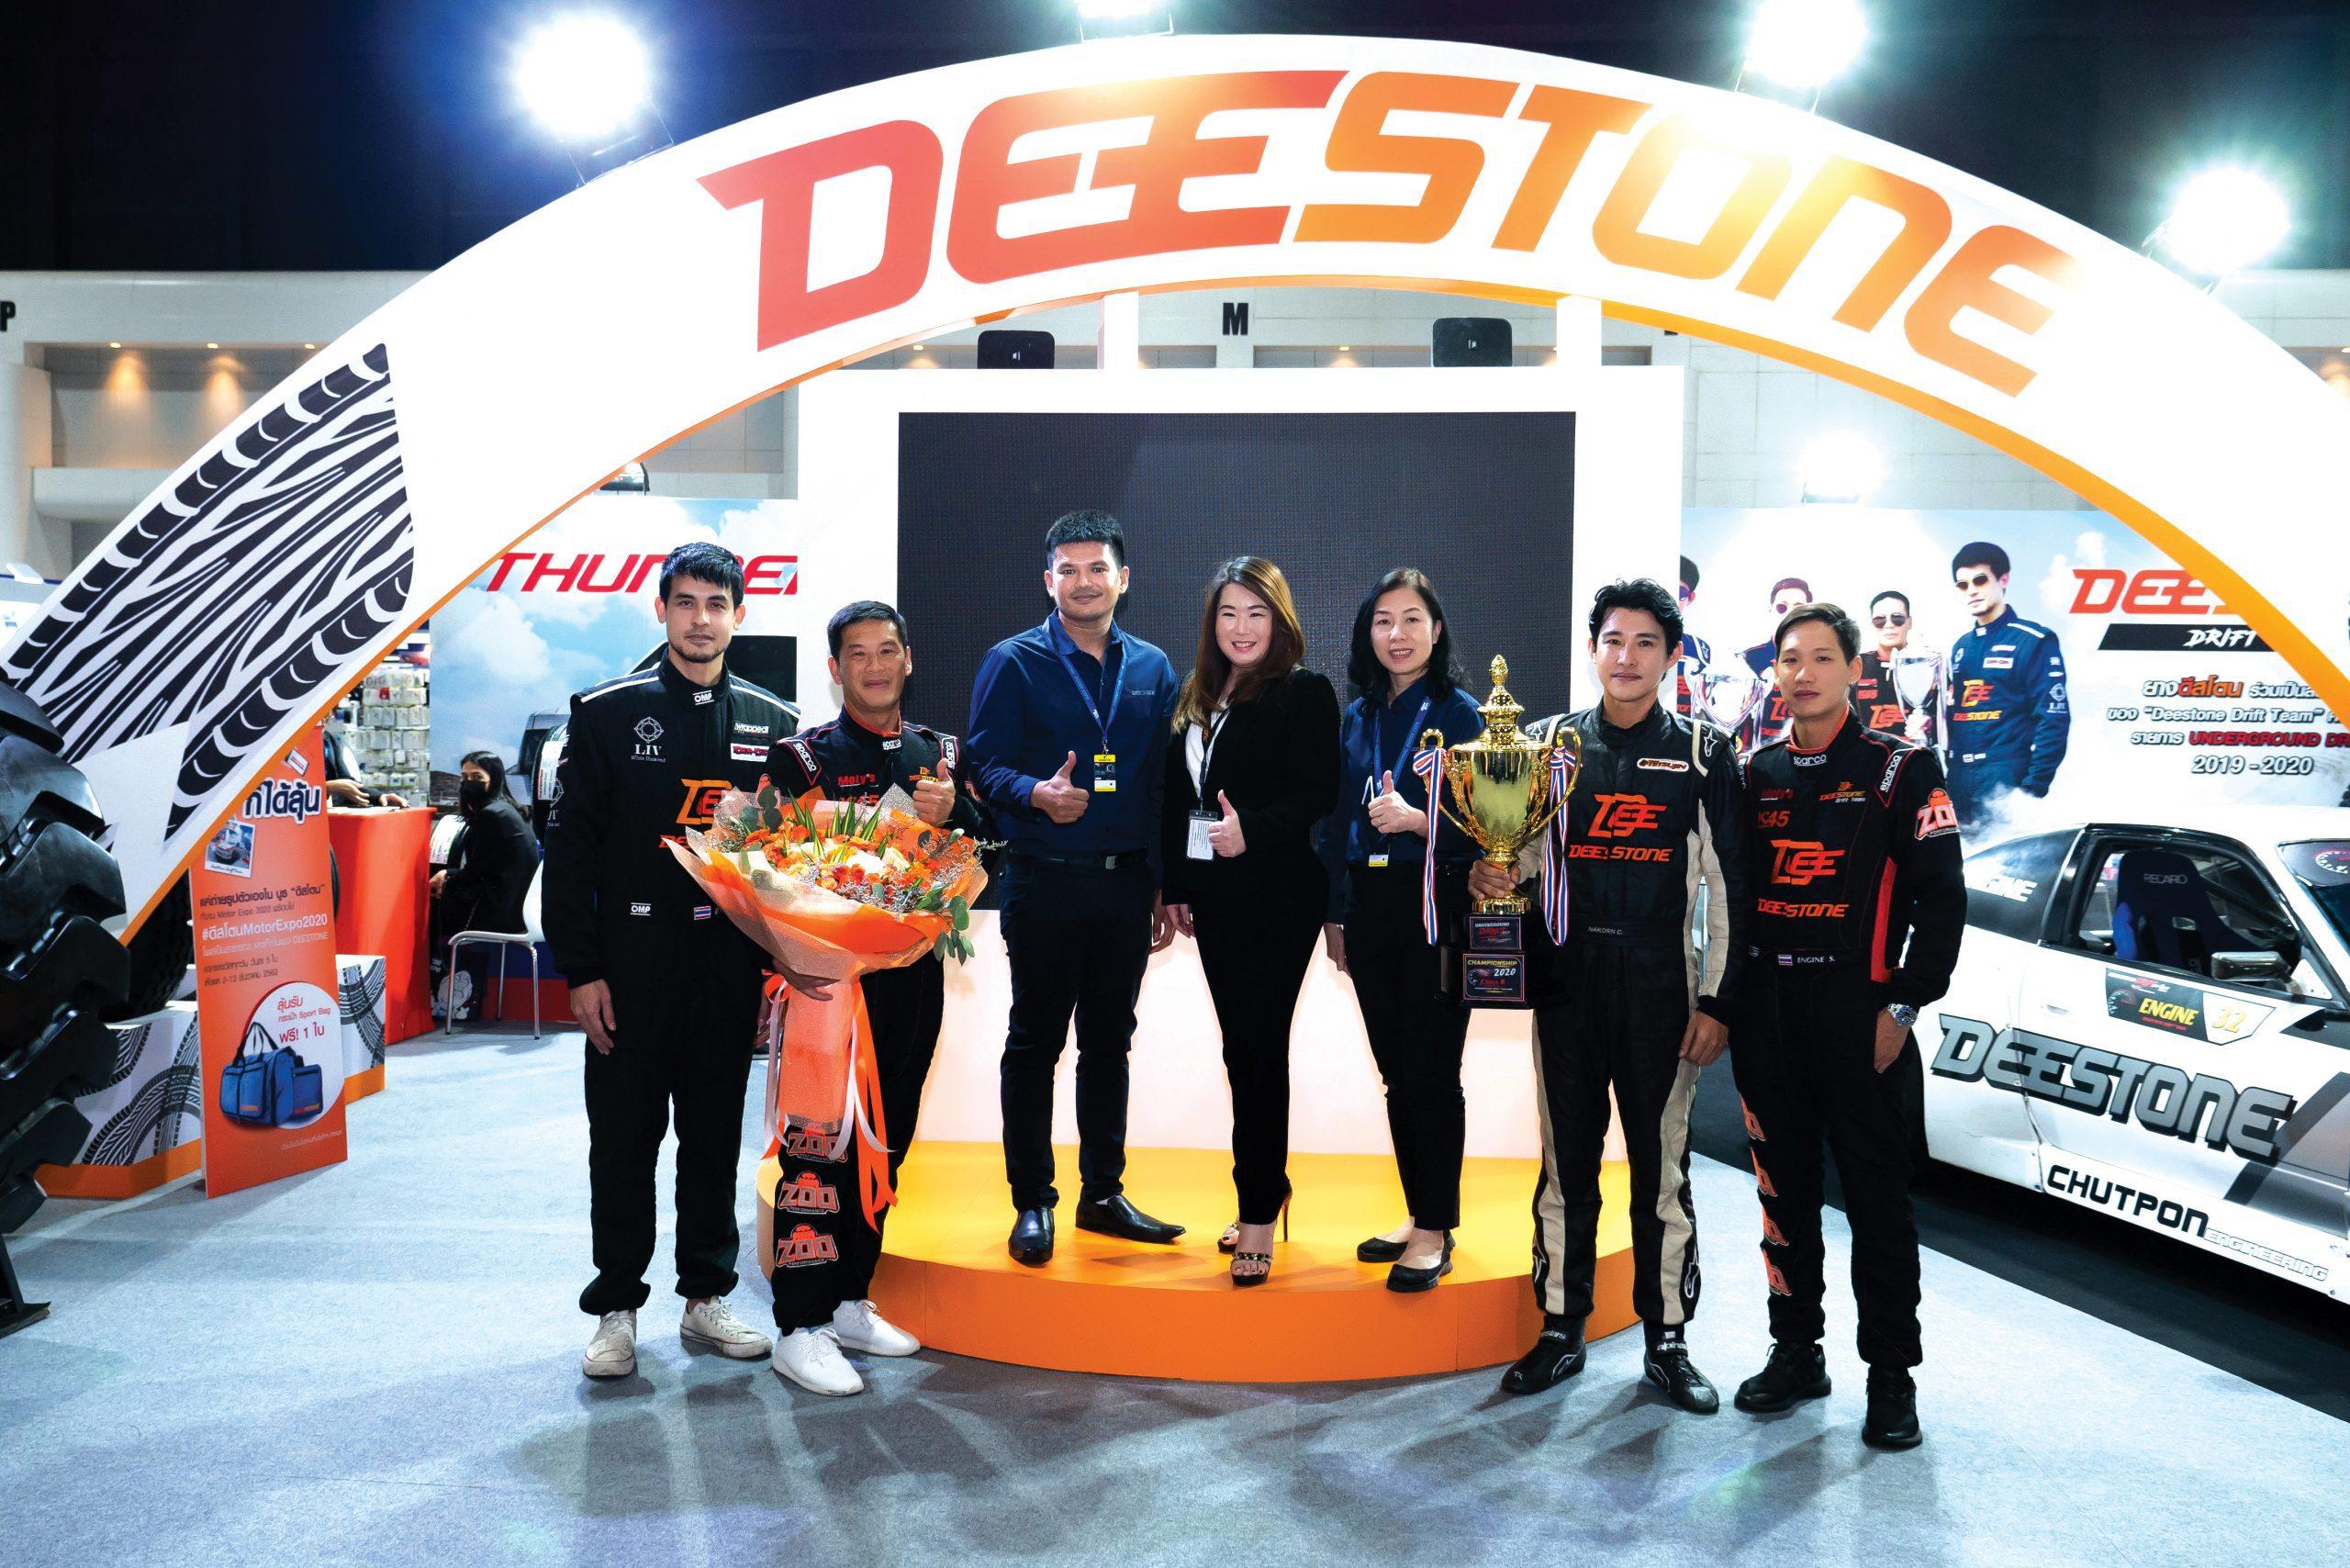 ดีสโตน คอร์ปอเรชั่น จำกัด ในงานมหกรรมยานยนต์ Thailand International Motor Expo 2020 ครั้งที่ 37